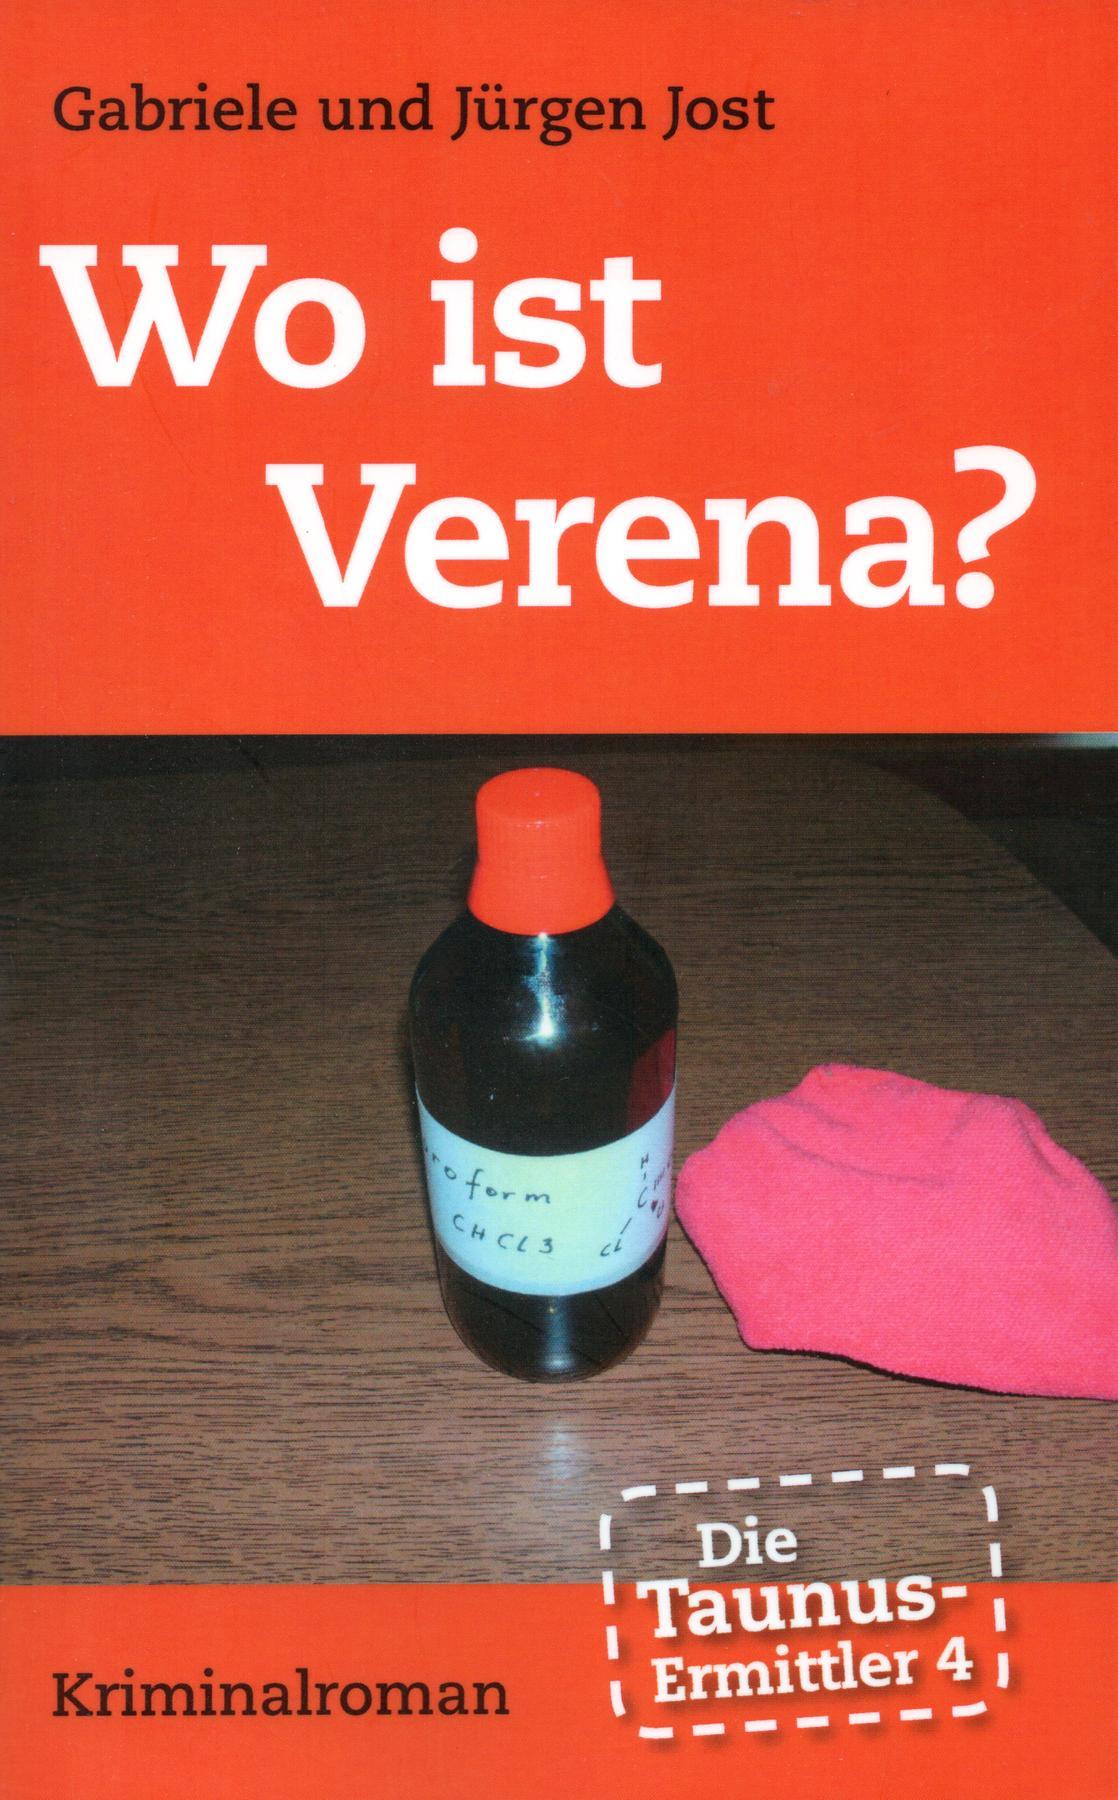 Die Taunus-Ermittler (Band 4) - Wo ist Verena (Maerz 2013)